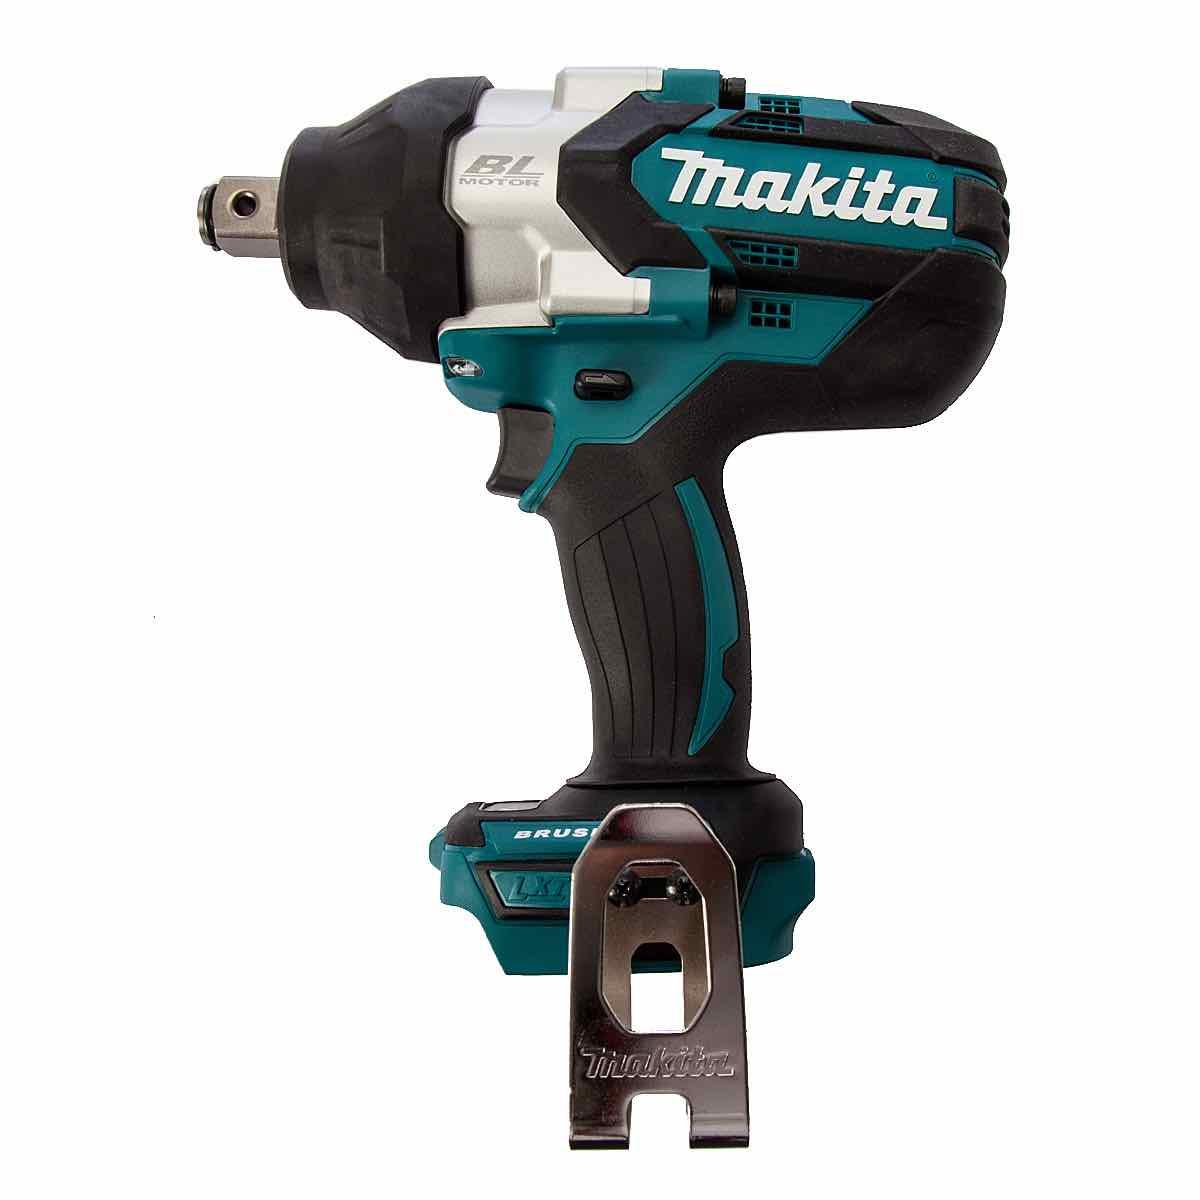 makita-dtw1001z-cordless-impact-wrench-3-4-22-18v-brushless.jpg